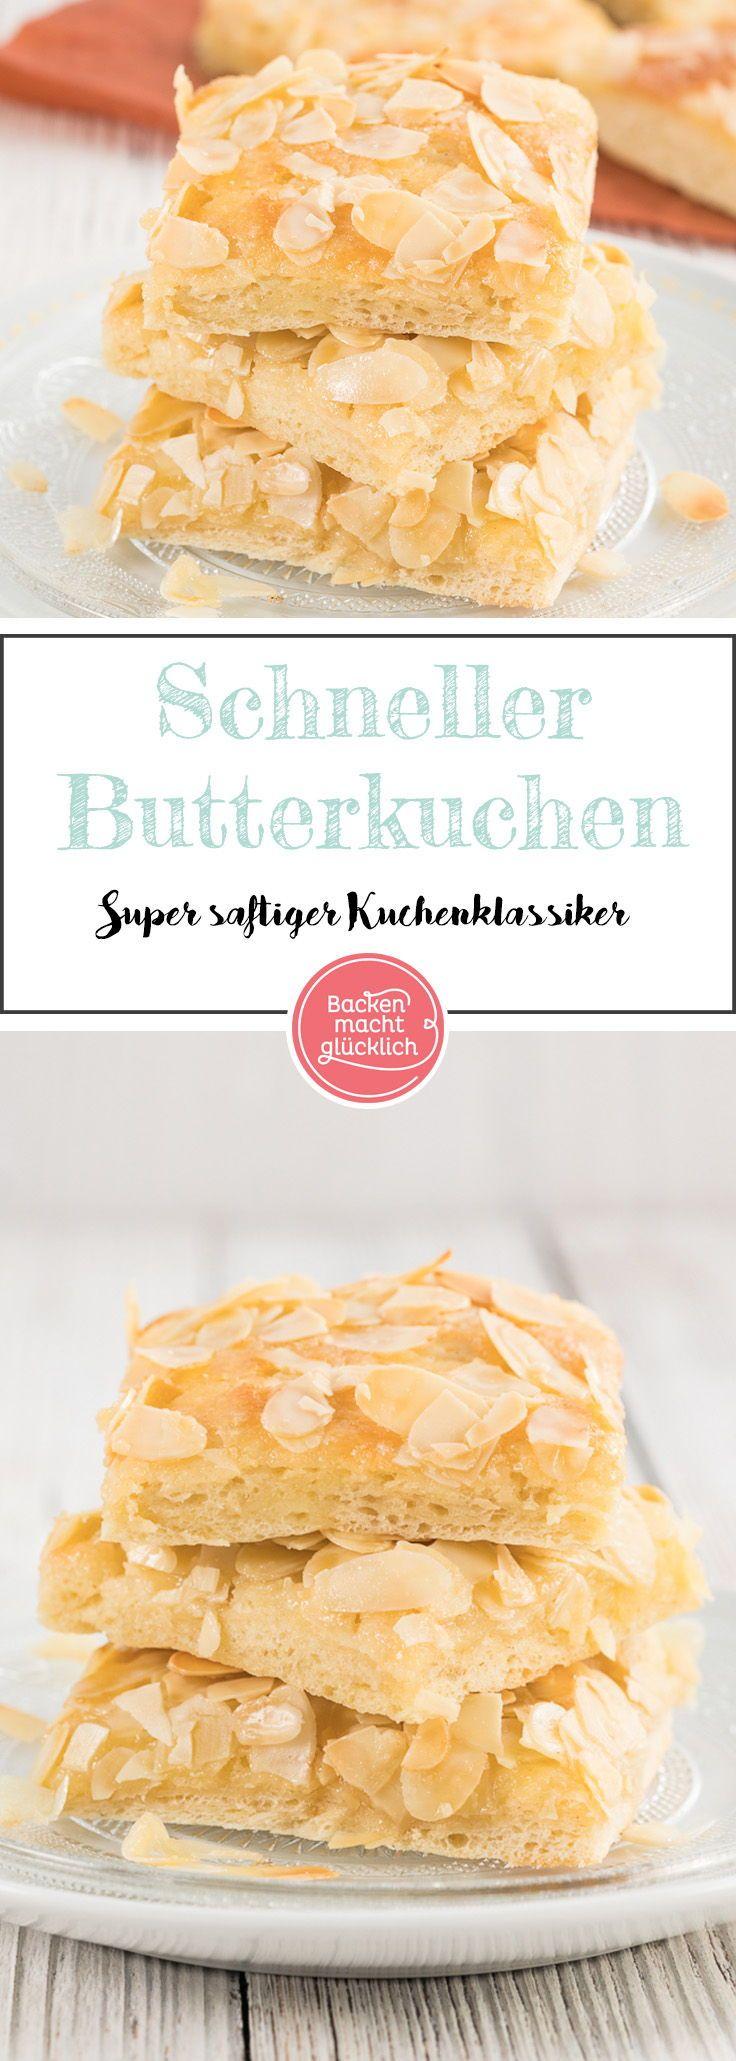 butterkuchen mit mandeln recipe to try pinterest. Black Bedroom Furniture Sets. Home Design Ideas